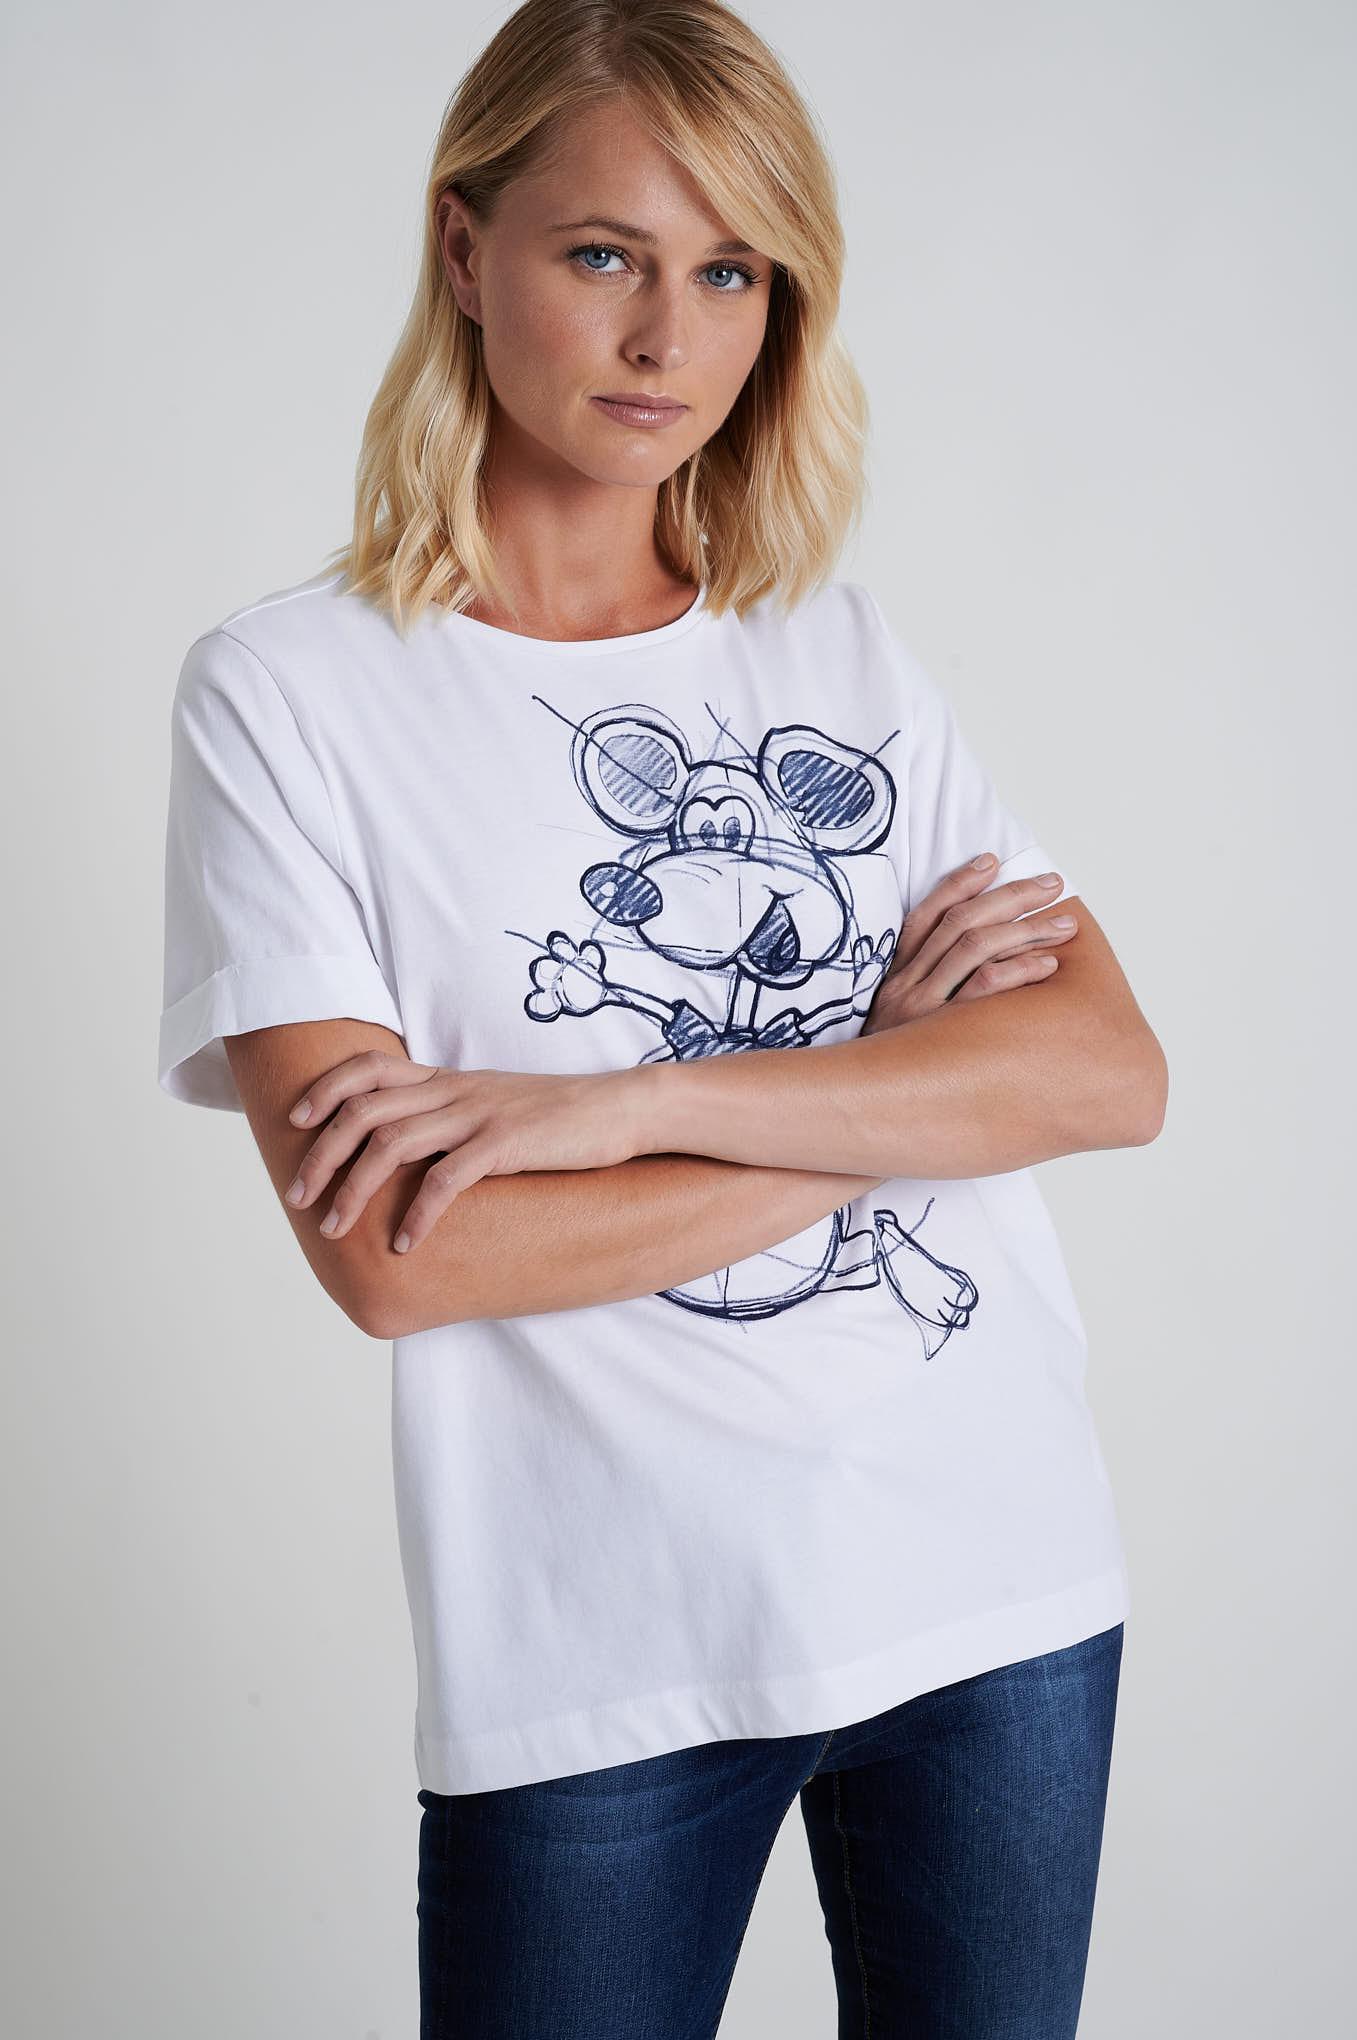 T-Shirt White Sport Woman